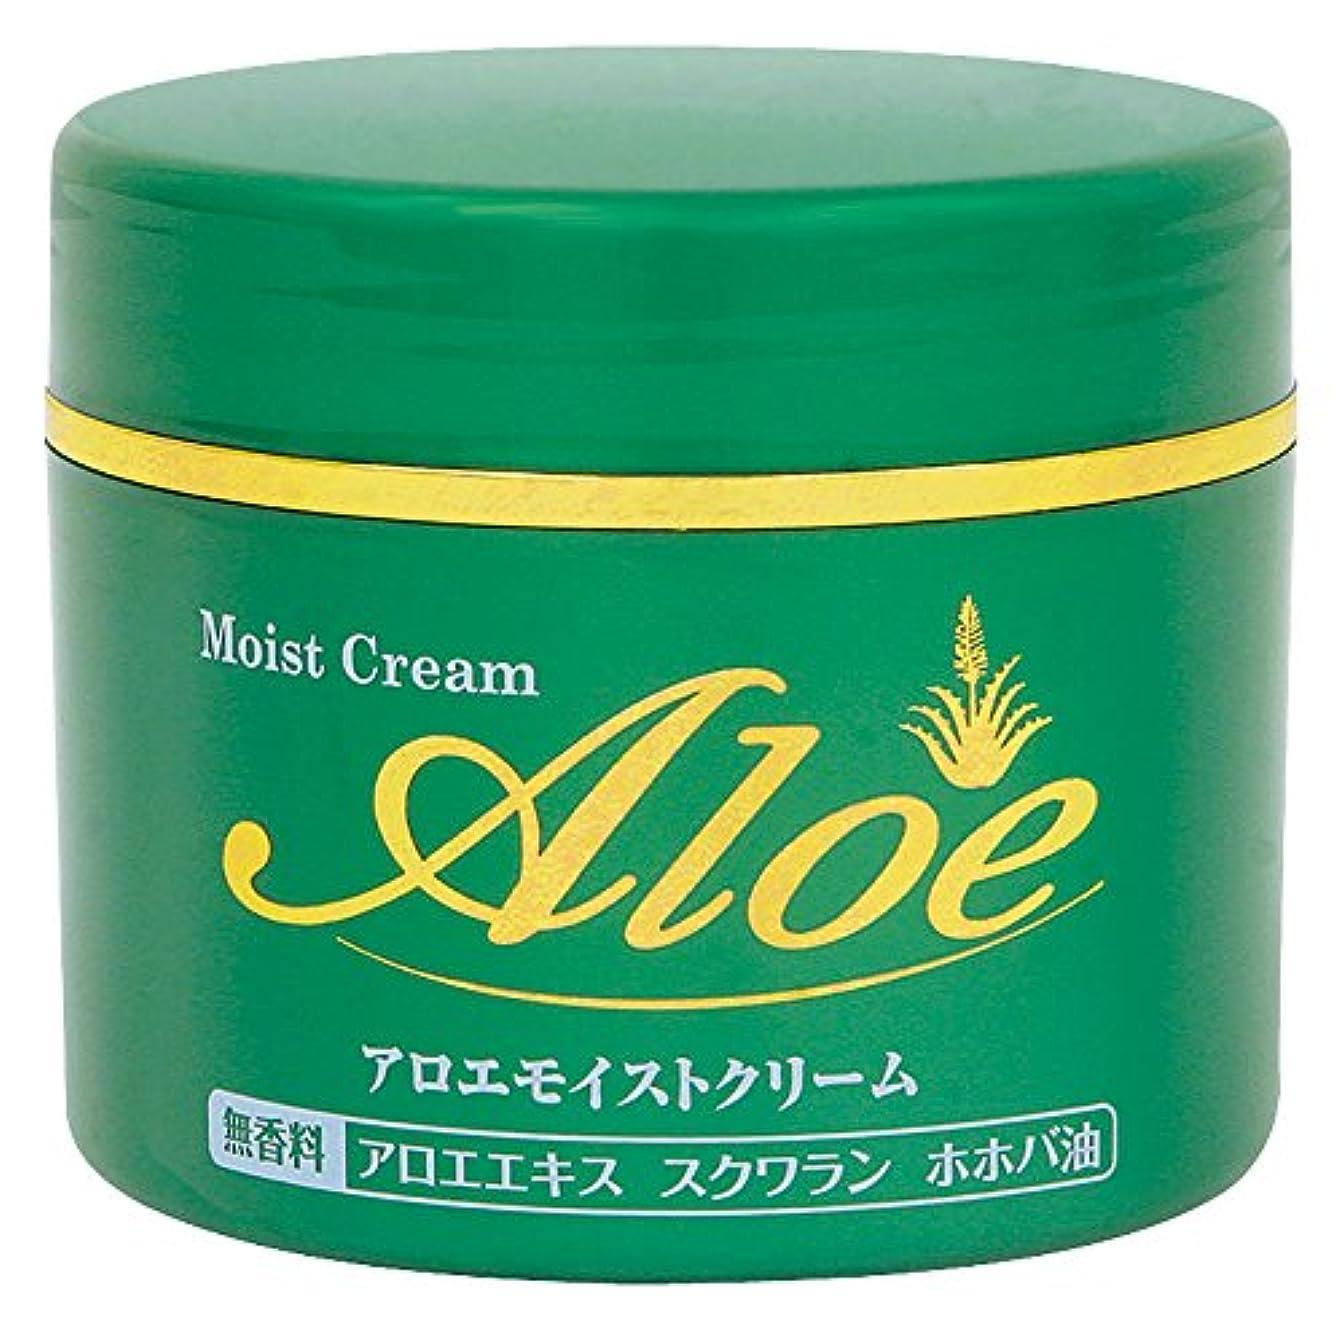 孤児本当のことを言うとガラス井藤漢方製薬 アロエモイストクリーム 160g (アロエクリーム 化粧品)